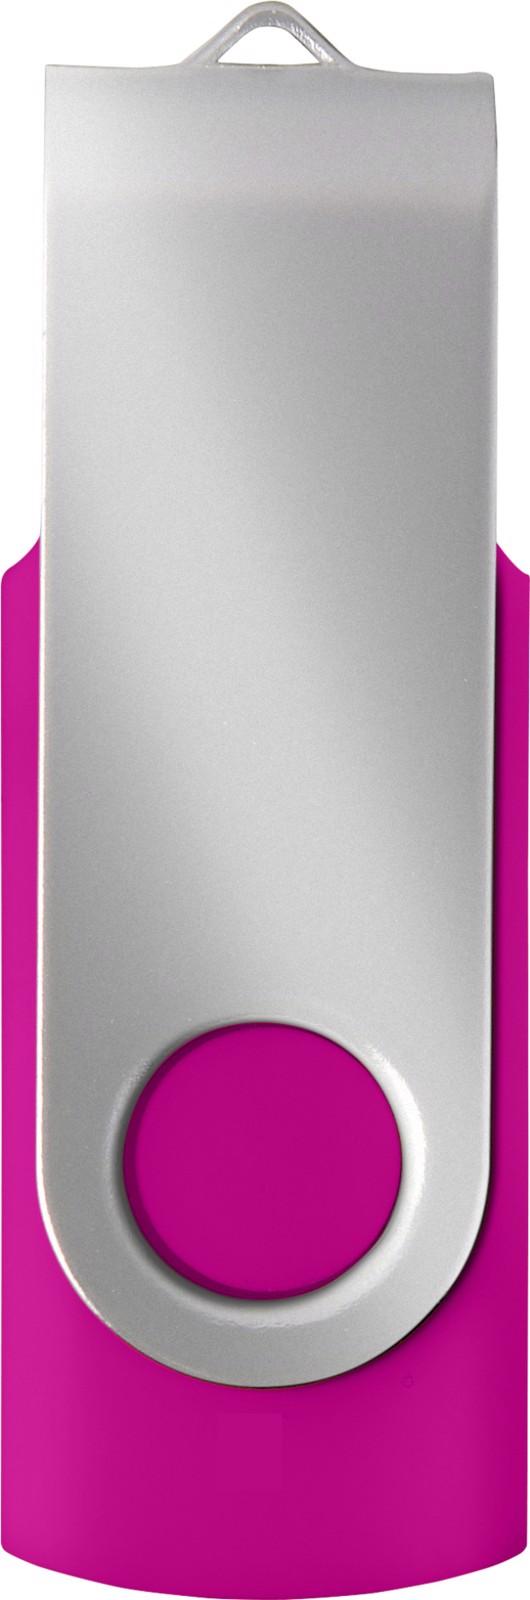 ABS USB drive (16GB/32GB) - Pink